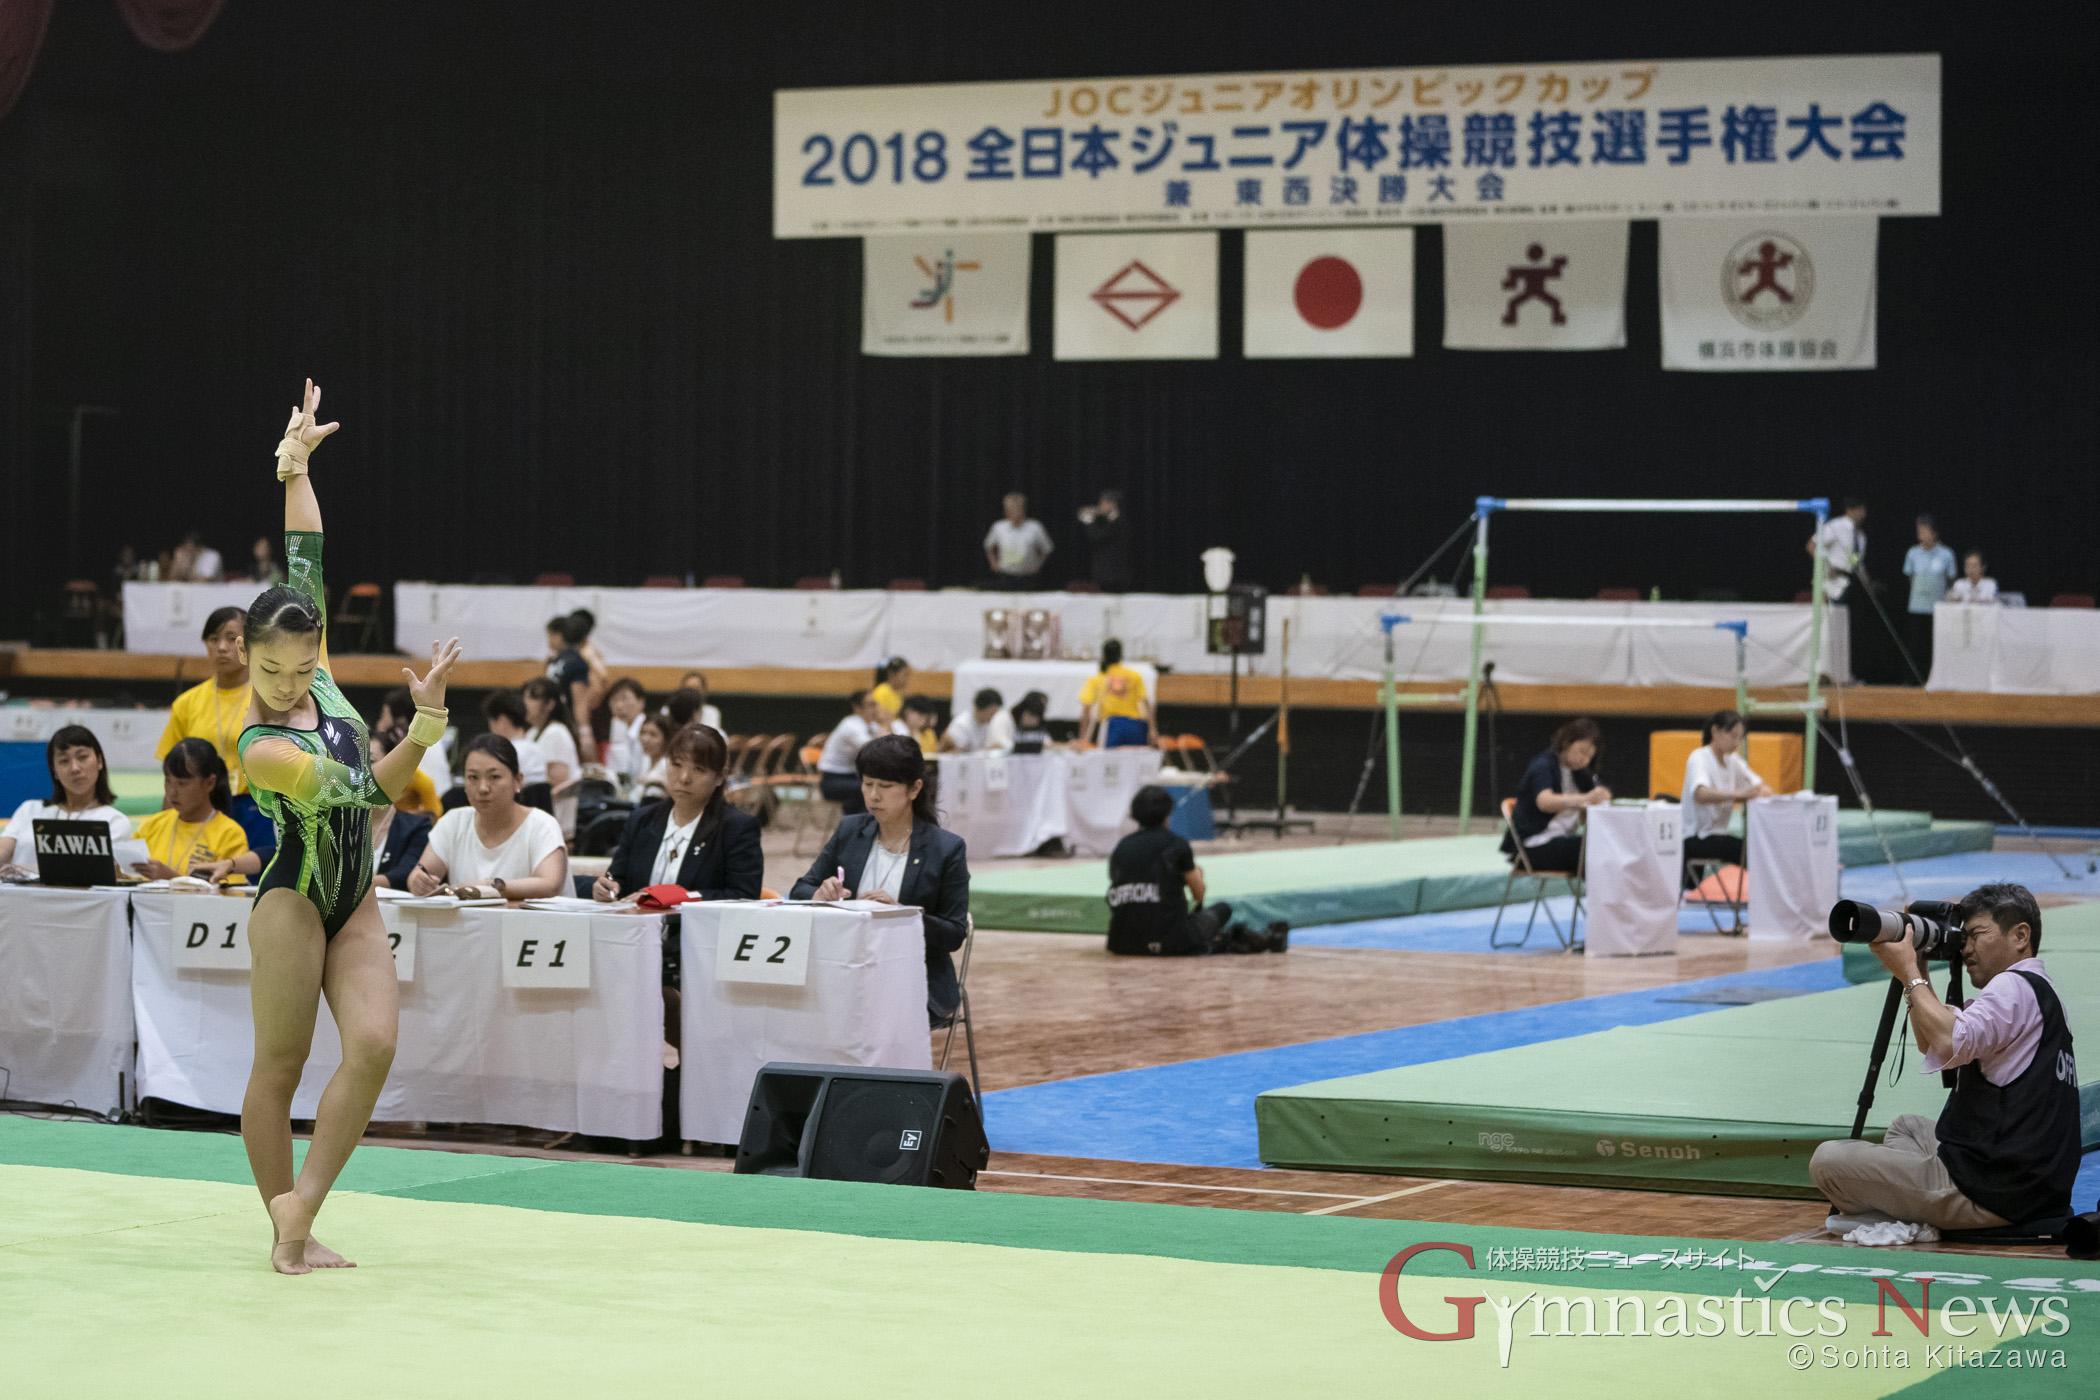 2018全日本ジュニア体操競技選手権大会 横浜文化体育館